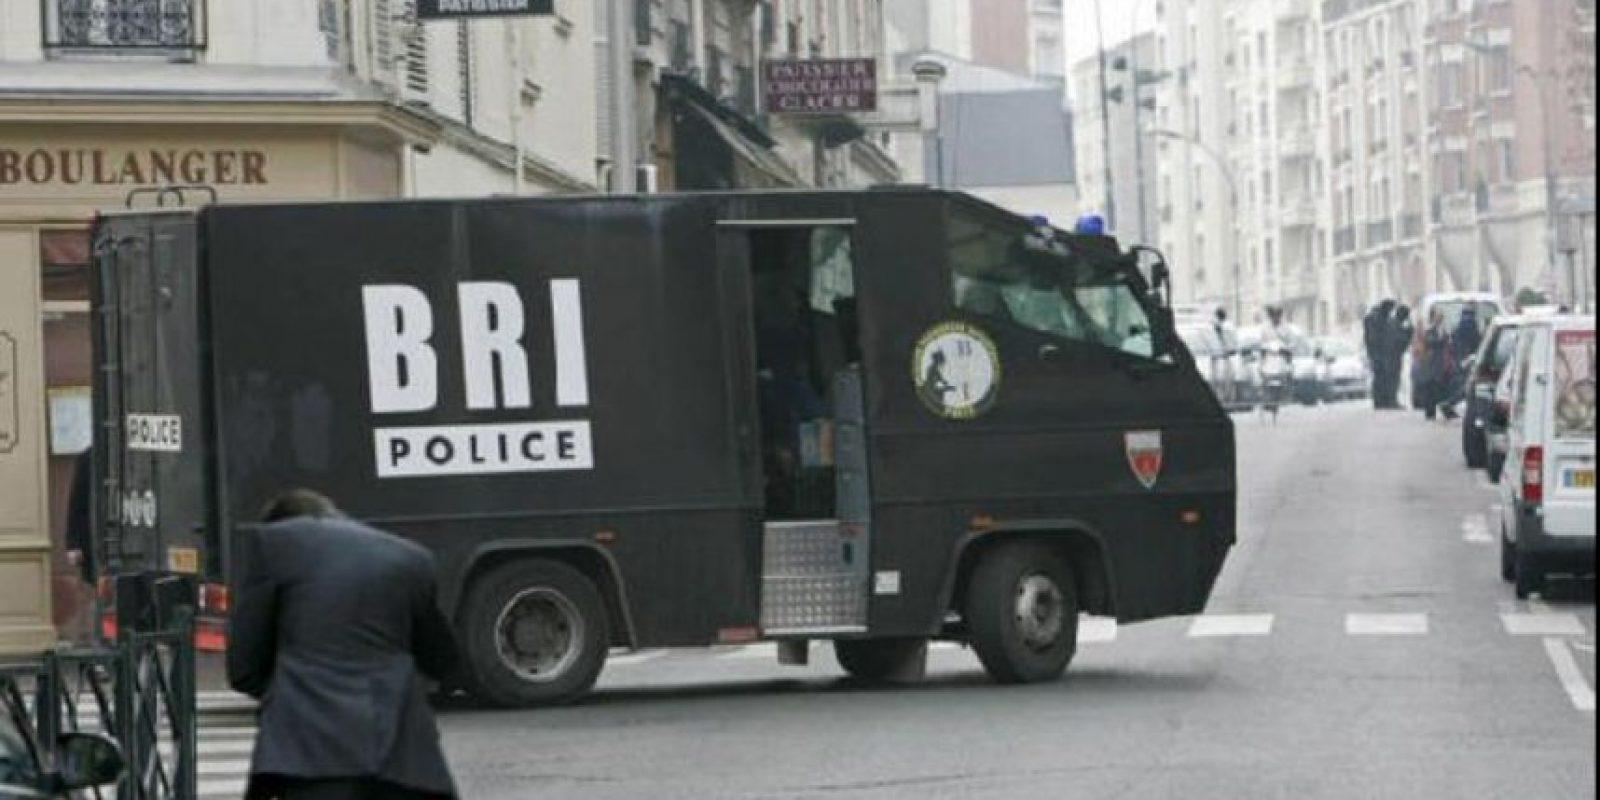 El comando aseguró en la entrevista que a su llegada vio cientos de cuerpos tirados en el suelo Foto:Vía facebook.com/BRI